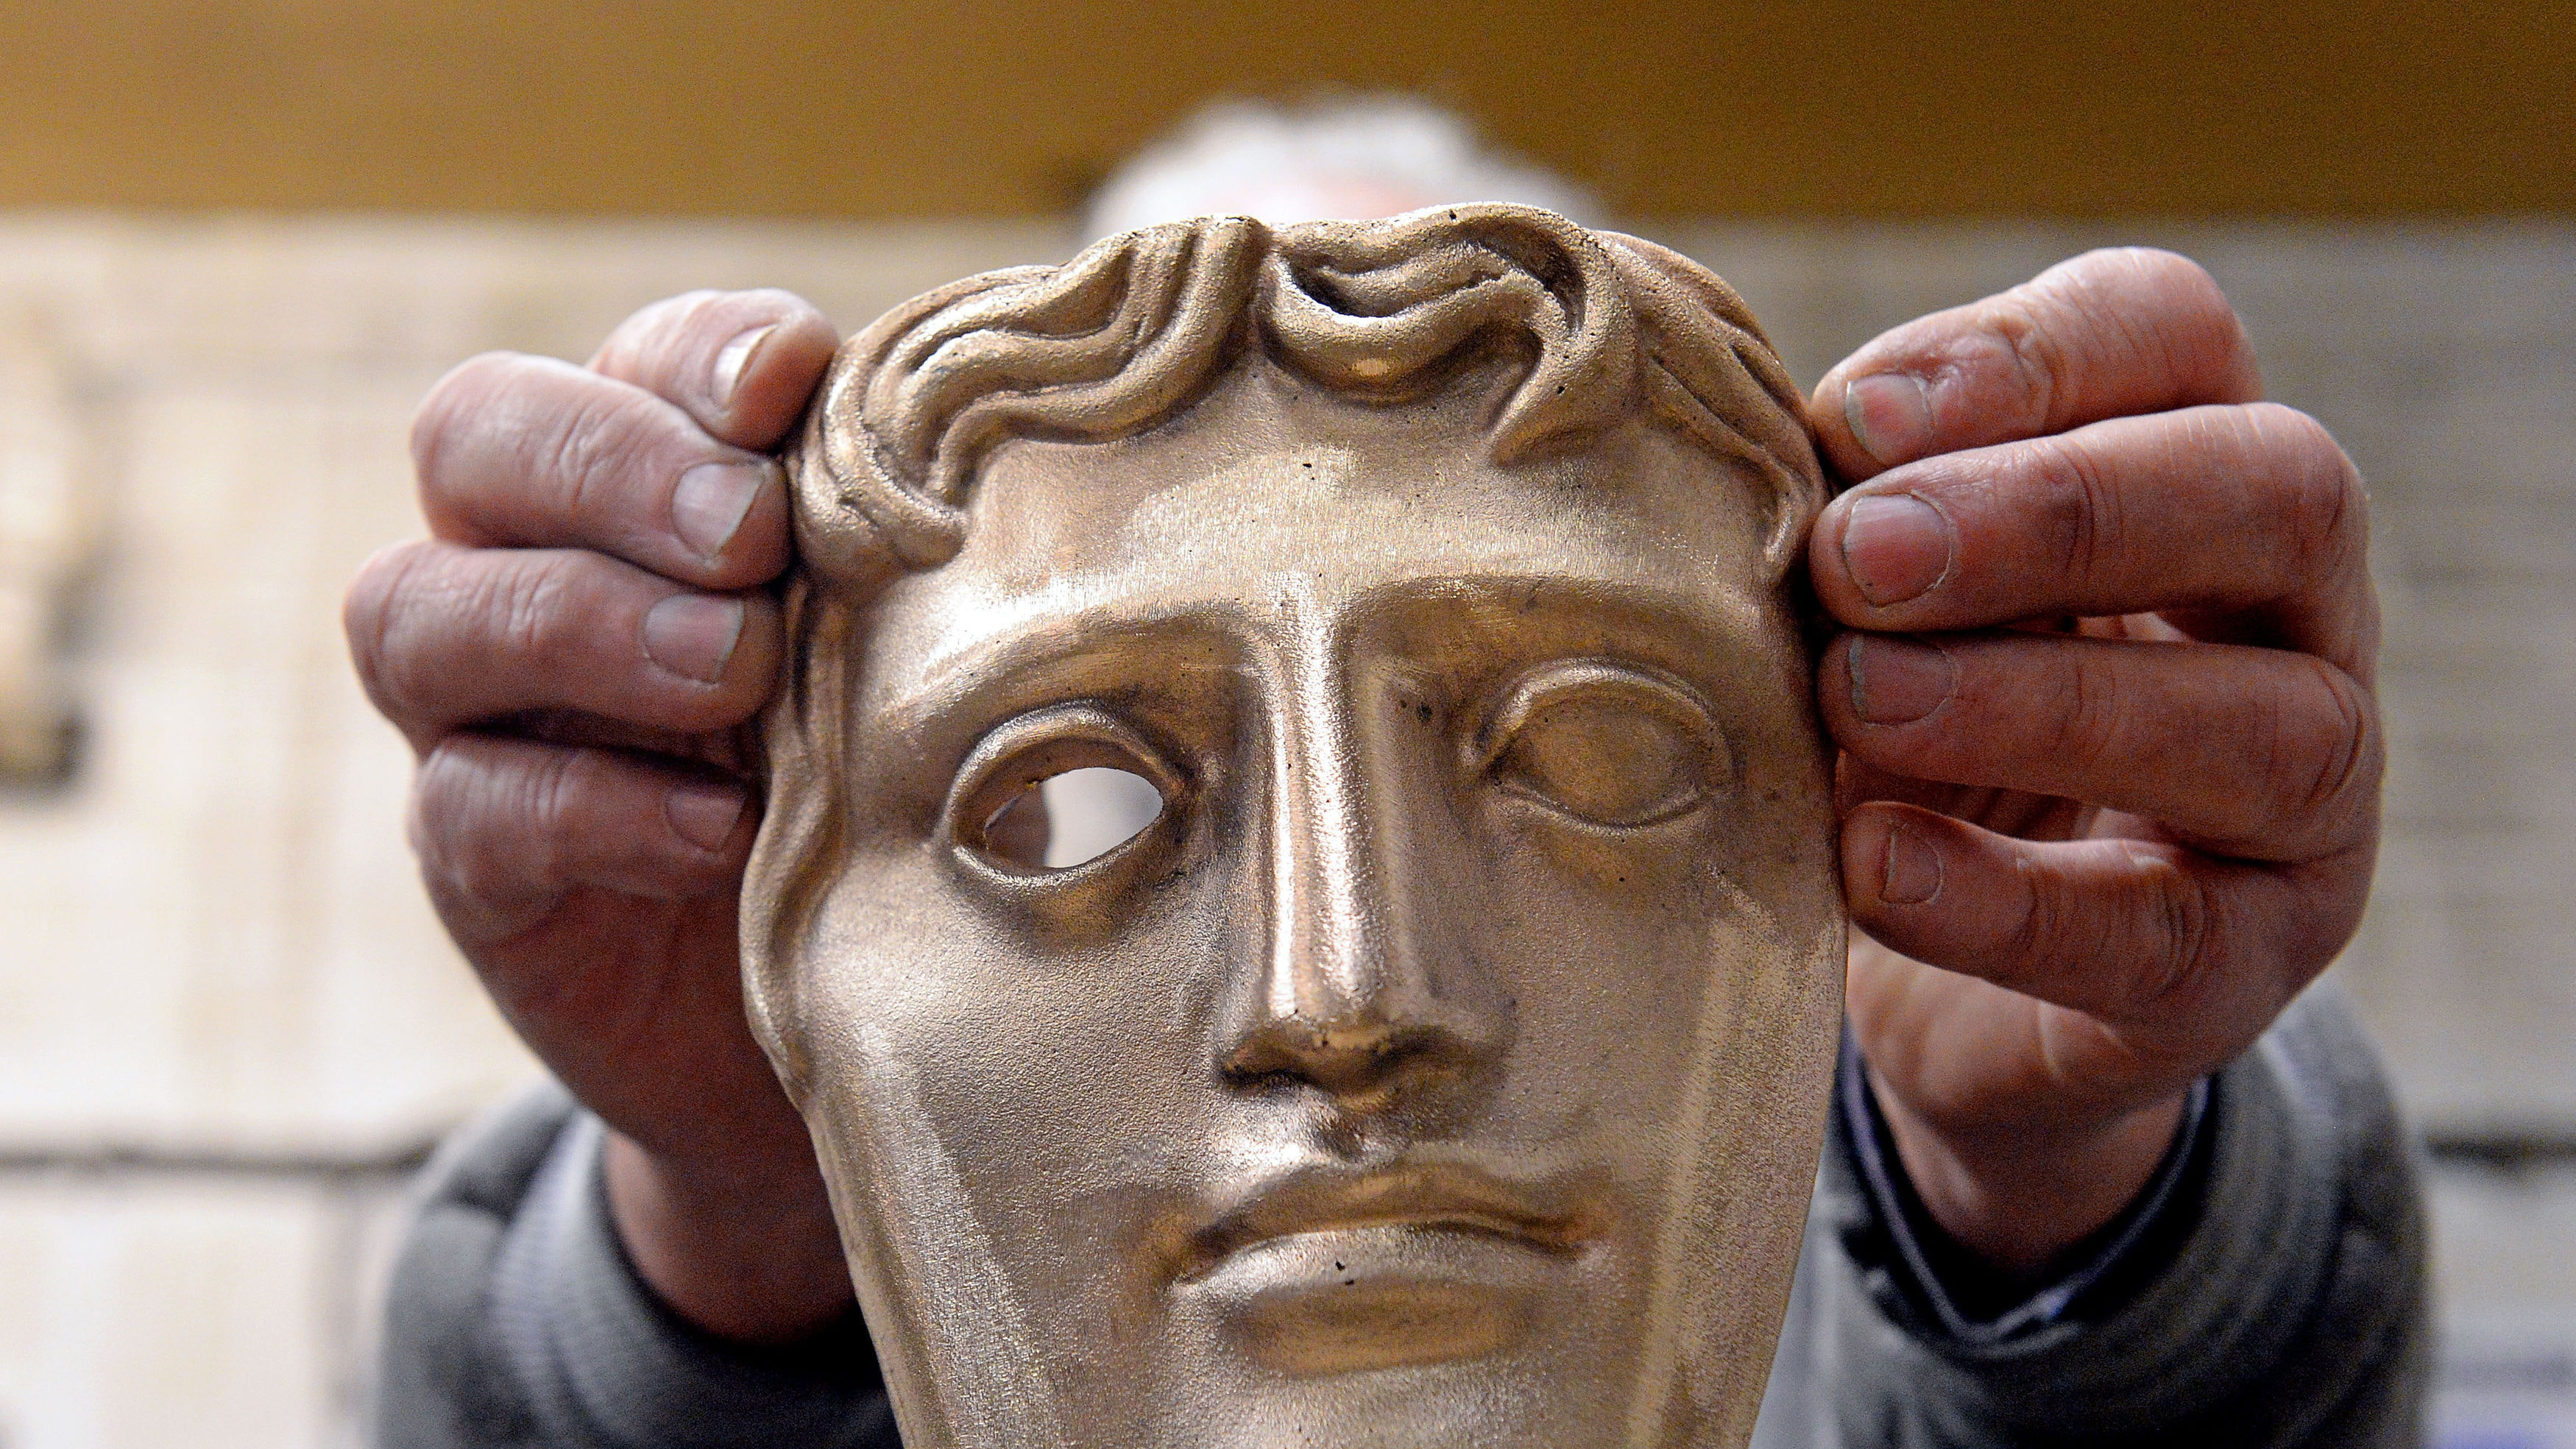 Ridley Scott, director of 'Blade Runner,' to receive BAFTA Fellowship